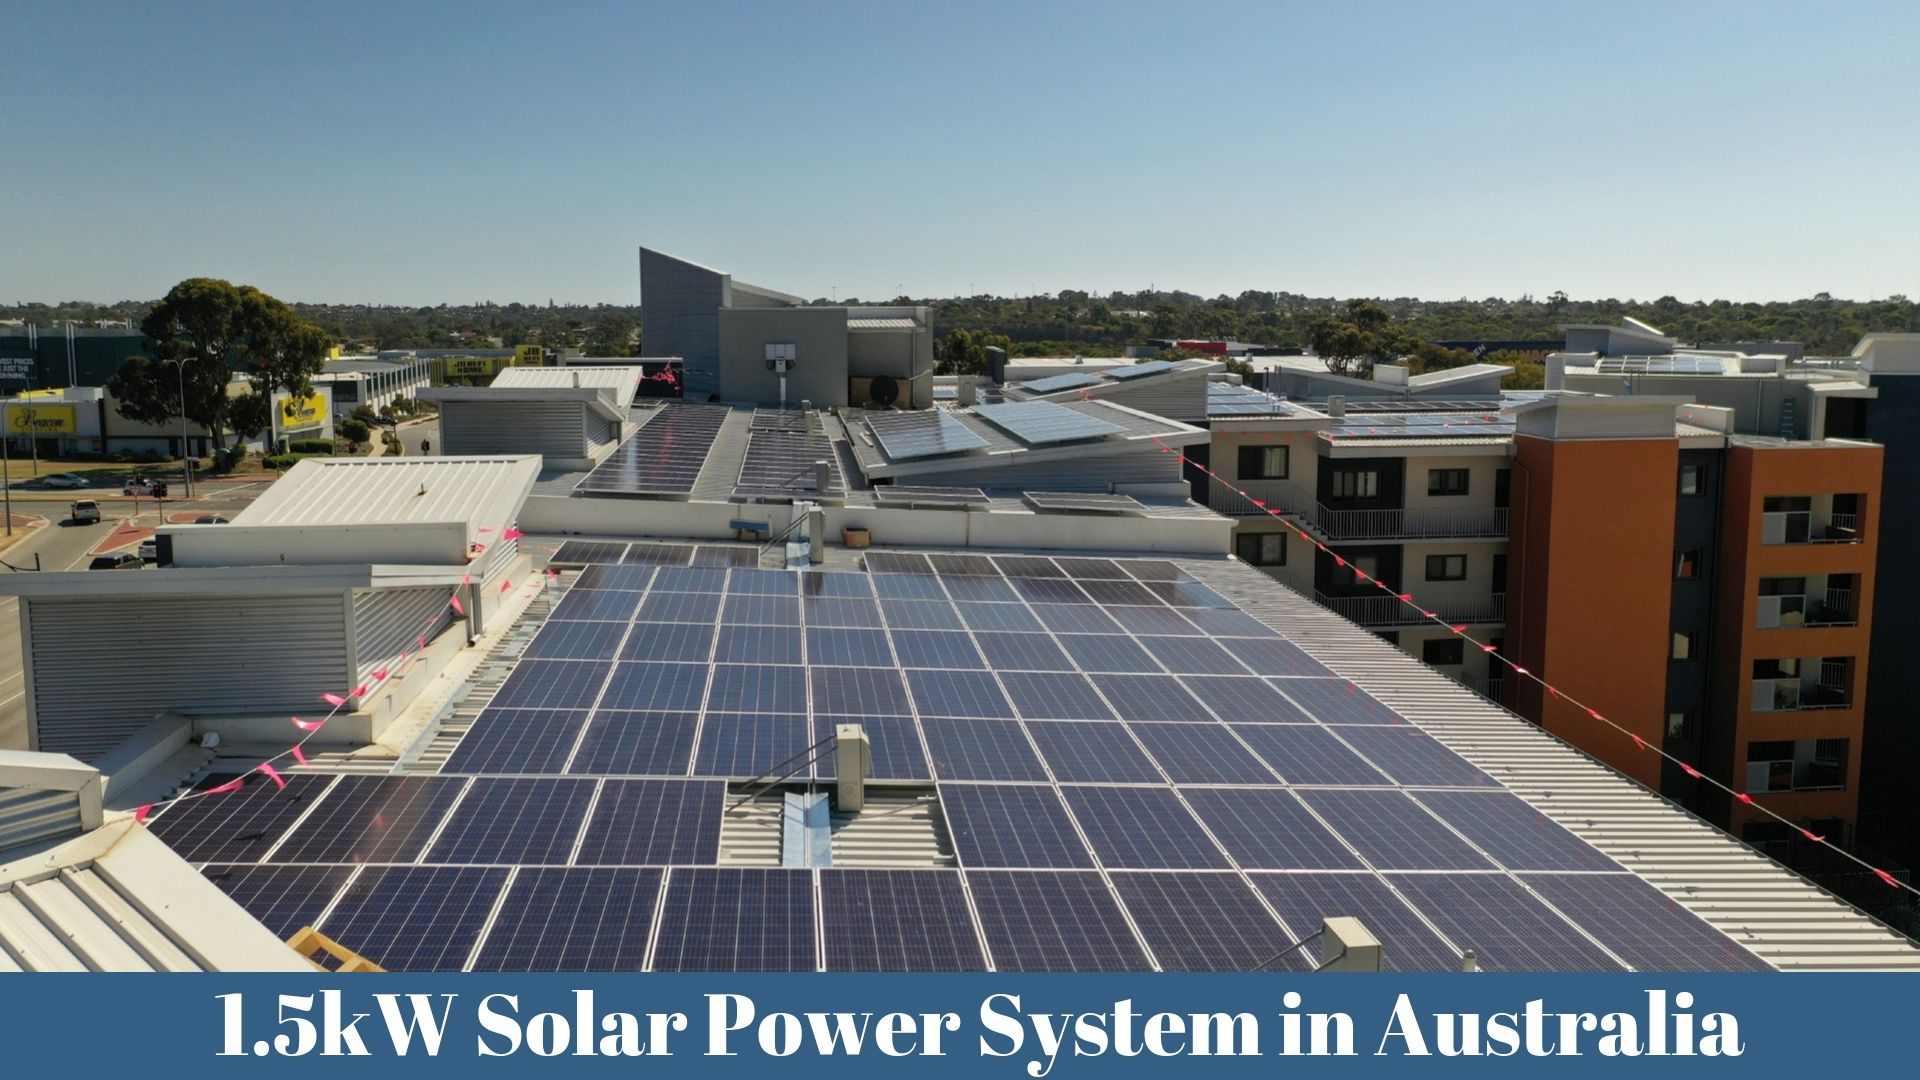 1.5kW Solar Power System Australia